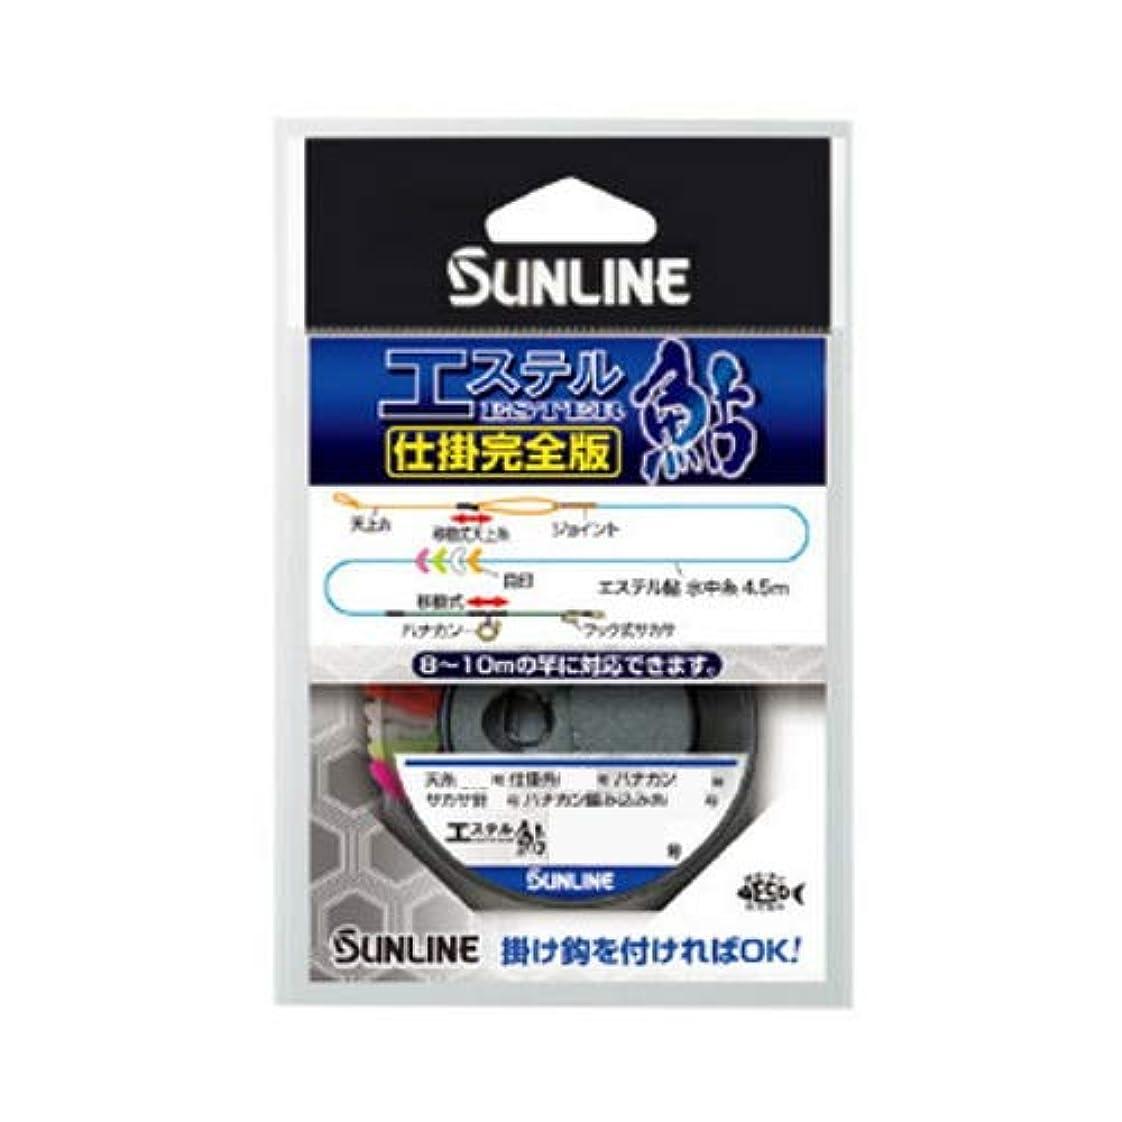 水差しチャレンジ成功サンライン(SUNLINE) エステル鮎 仕掛完全版 #0.2